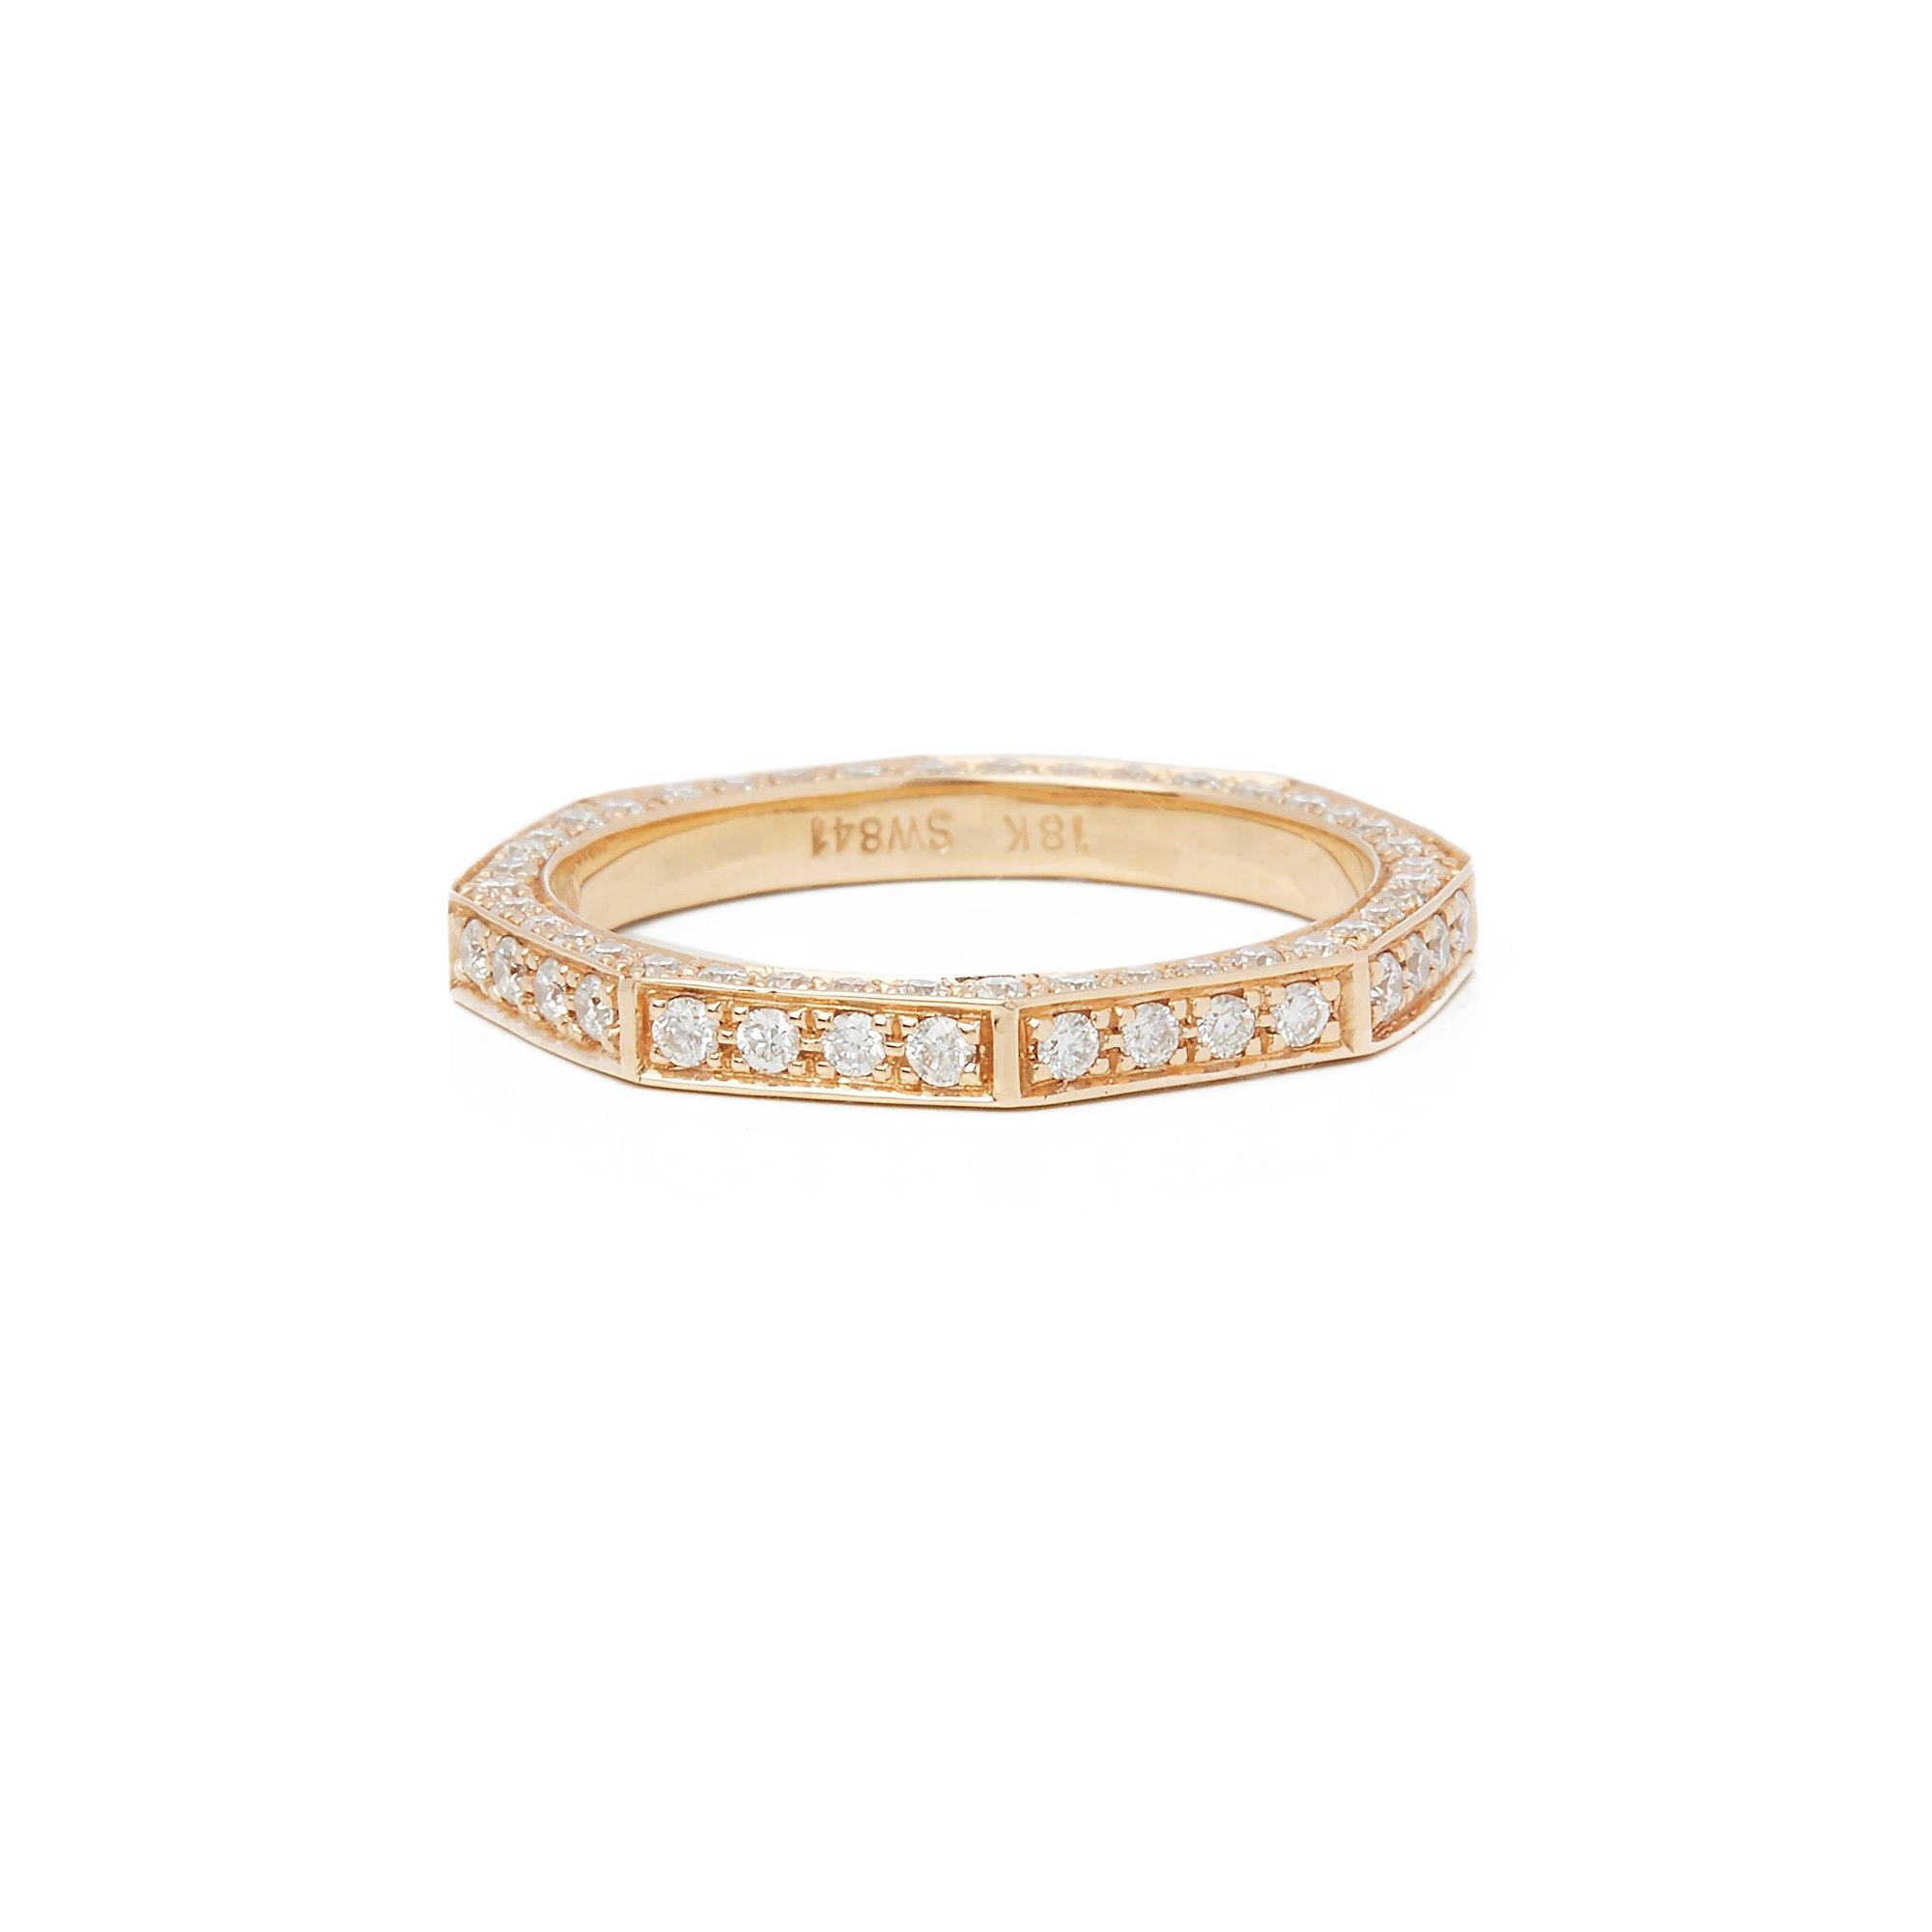 Stephen Webster 18k Yellow Gold Deco Diamond Full Eternity Ring